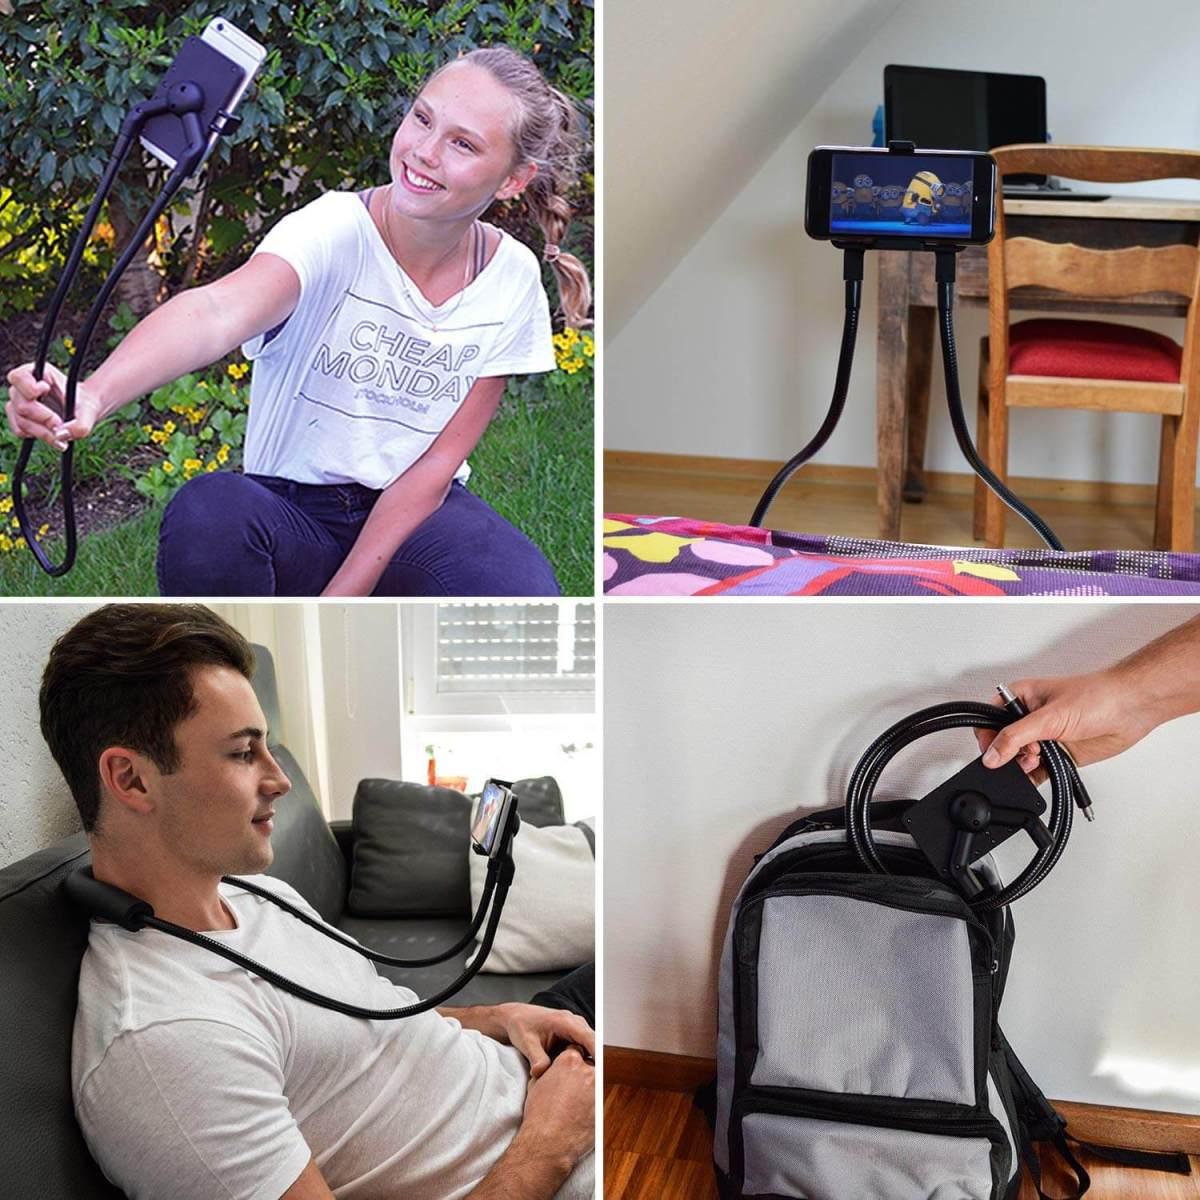 Praktischer Handyhalter - Multifunktions Selfiestick - freihändig Smartphone - Handy ohne Hände gucken